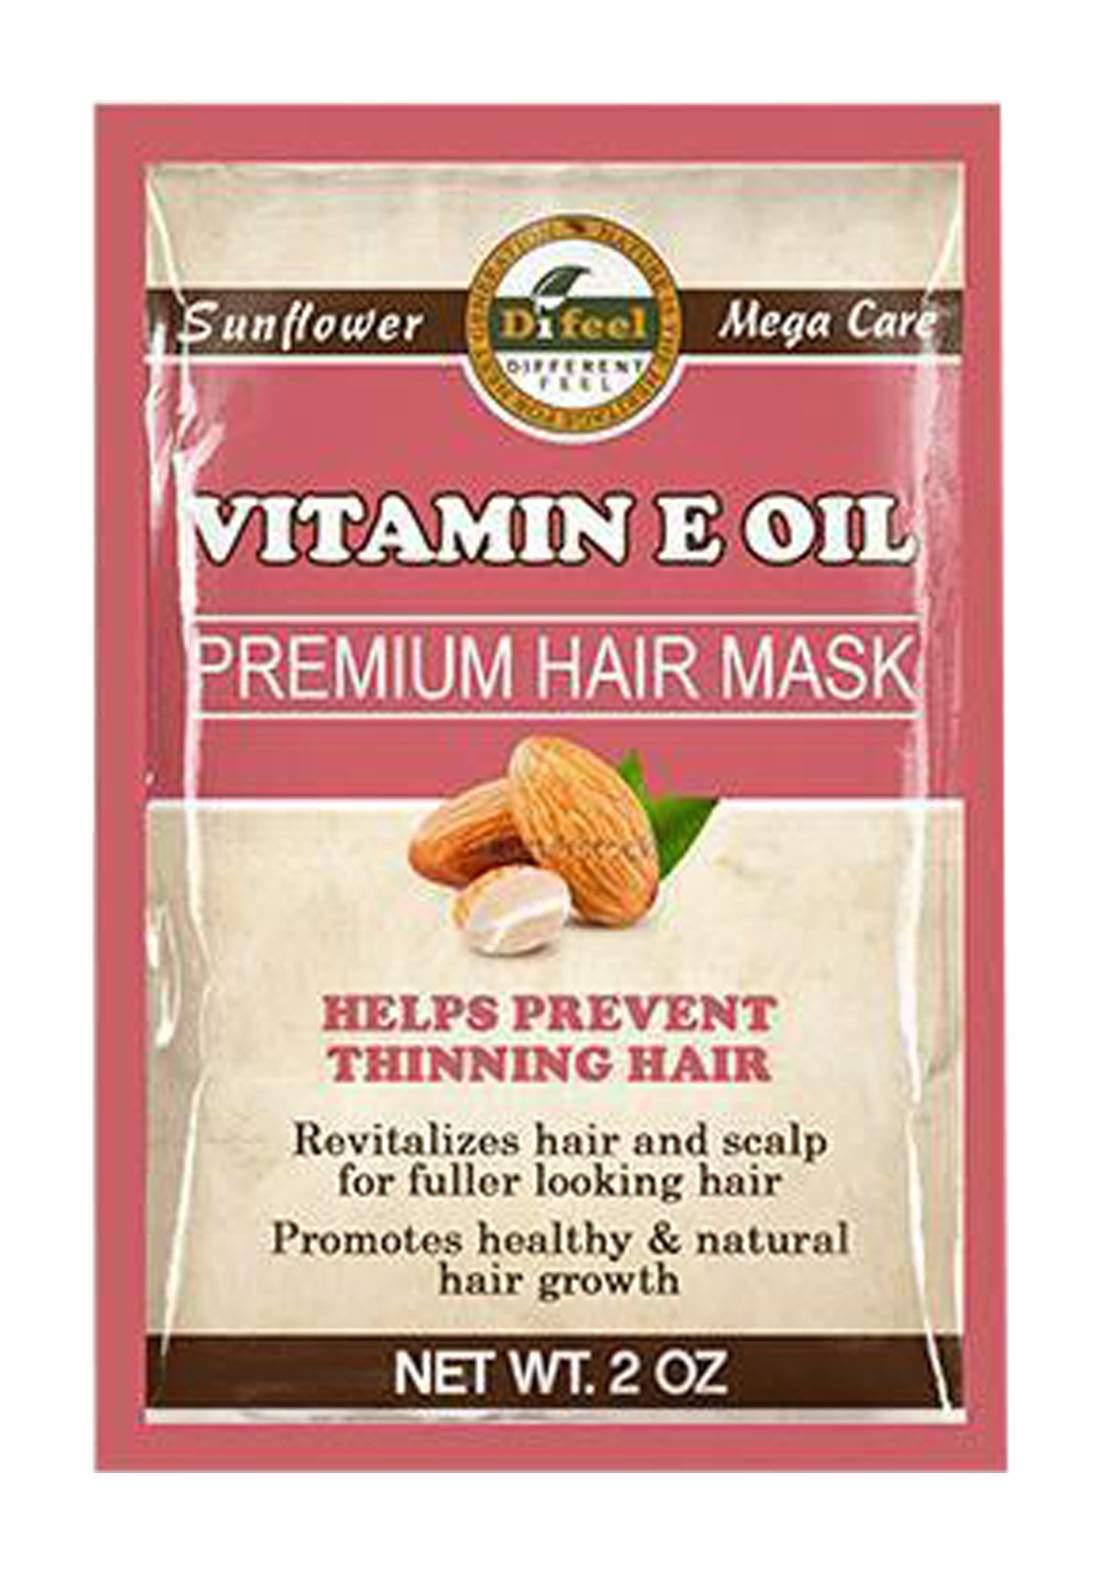 Difeel SH31_VIT18 Sunflower Premium Hair Mask Vitamin E Oil 50g  قناع للشعر